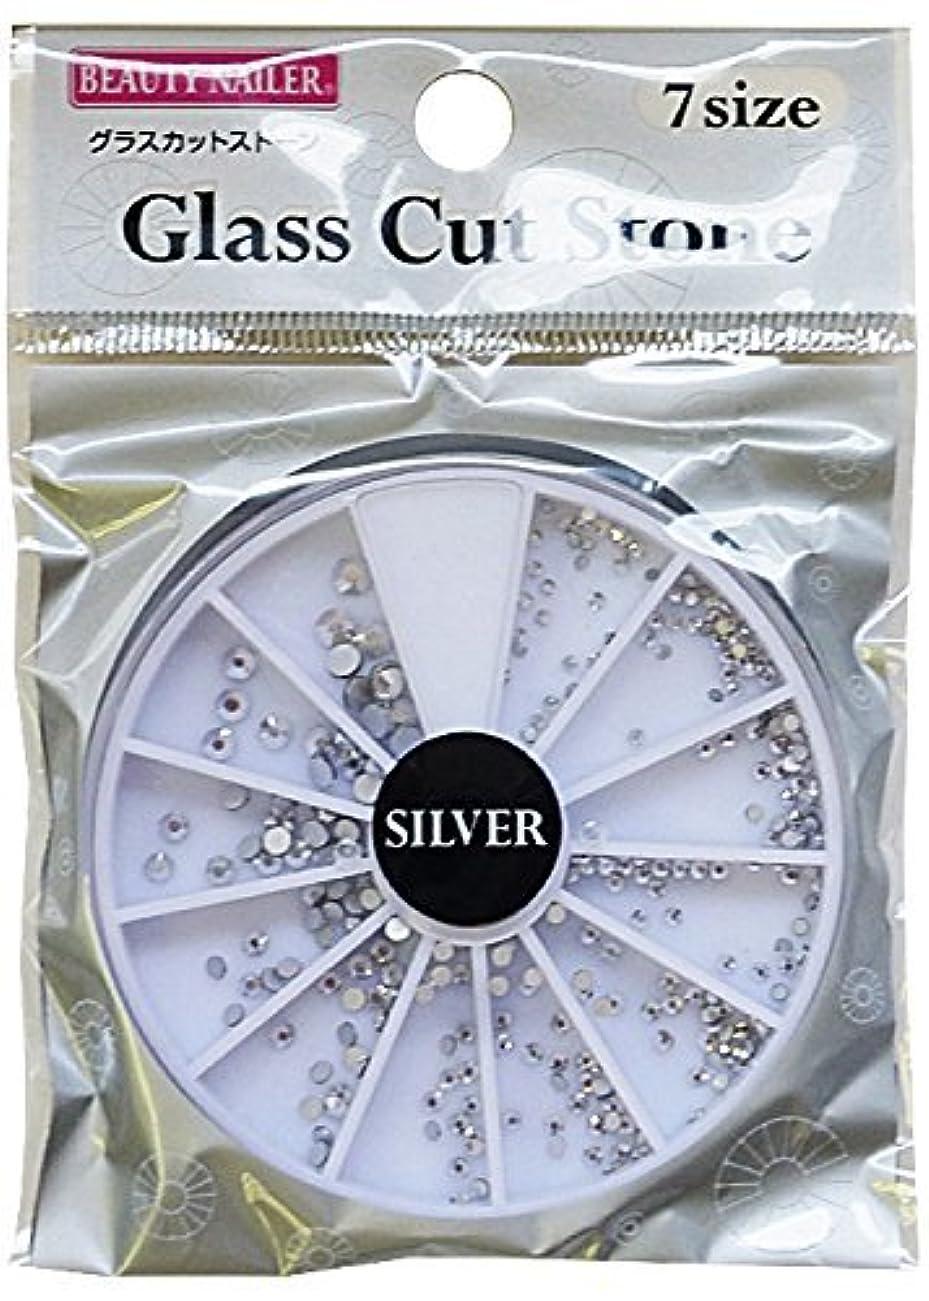 ひねくれた規定開梱ビューティーネイラー グラスカットストーン シルバー GCS-2